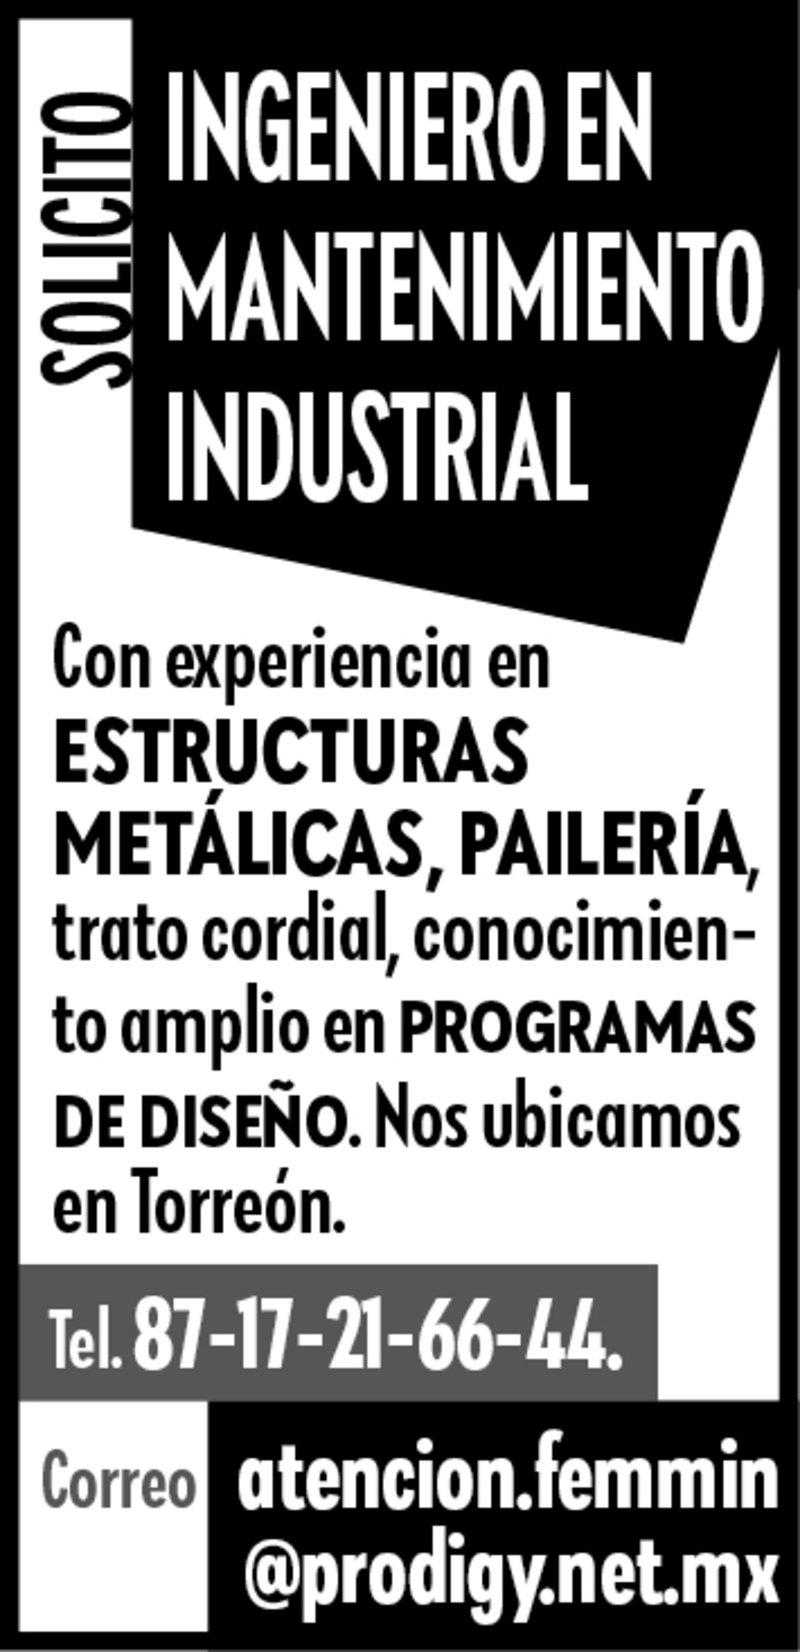 SE solicita Ingeniero en Mantenimiento Industrial